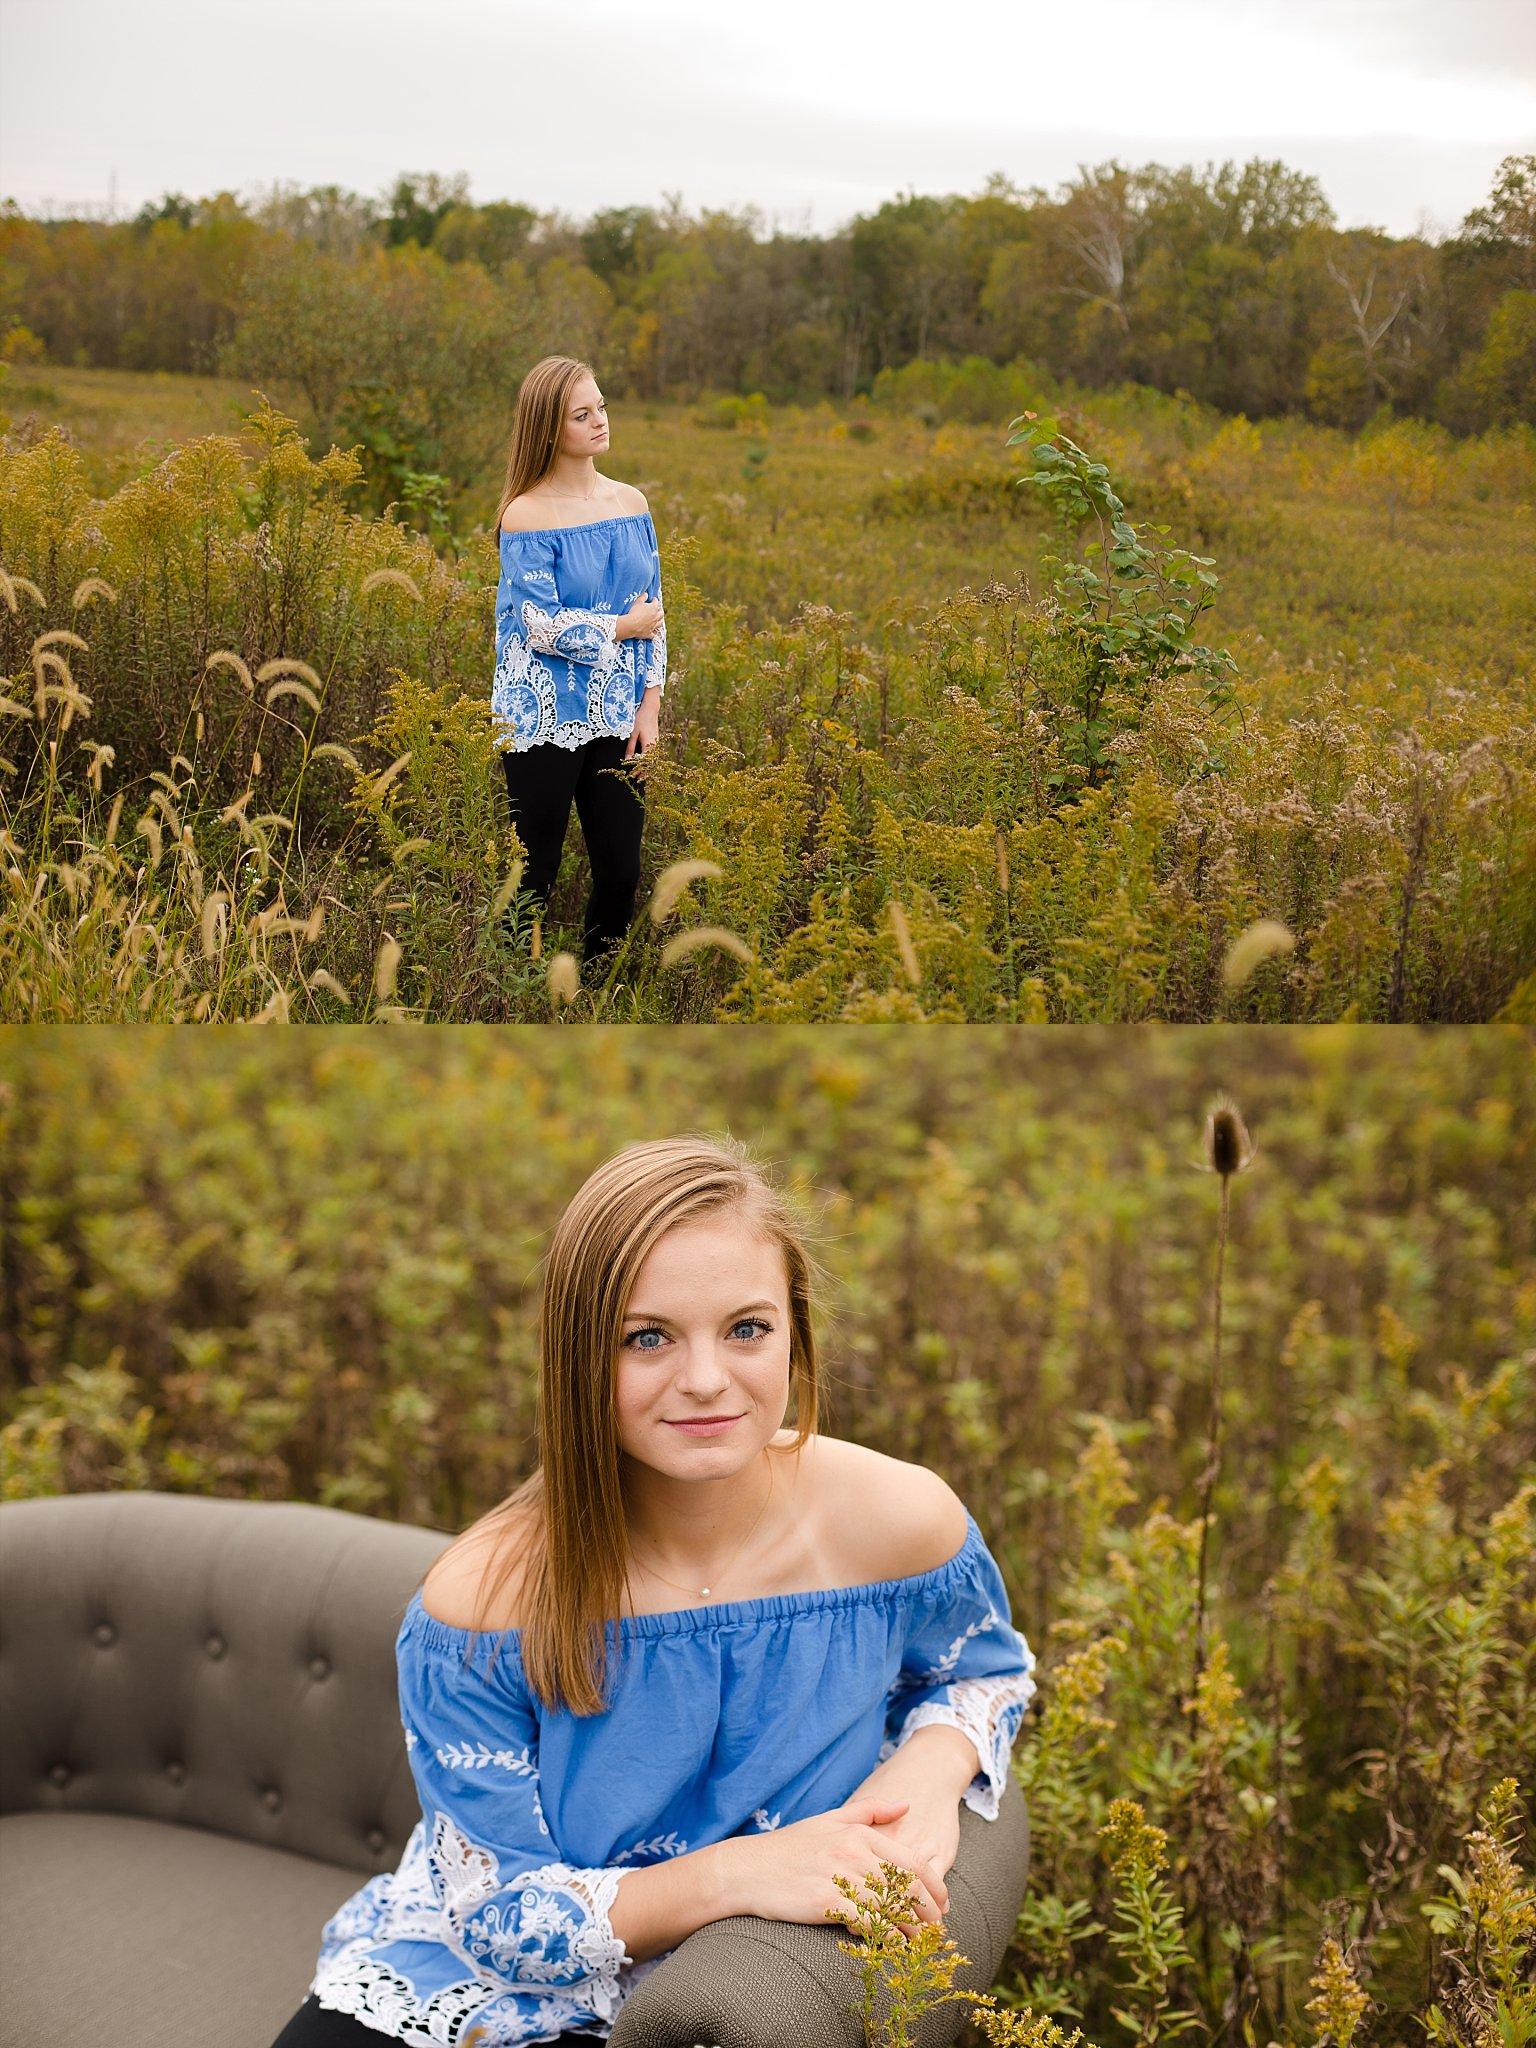 Senior portrait photographer in columbus ohio